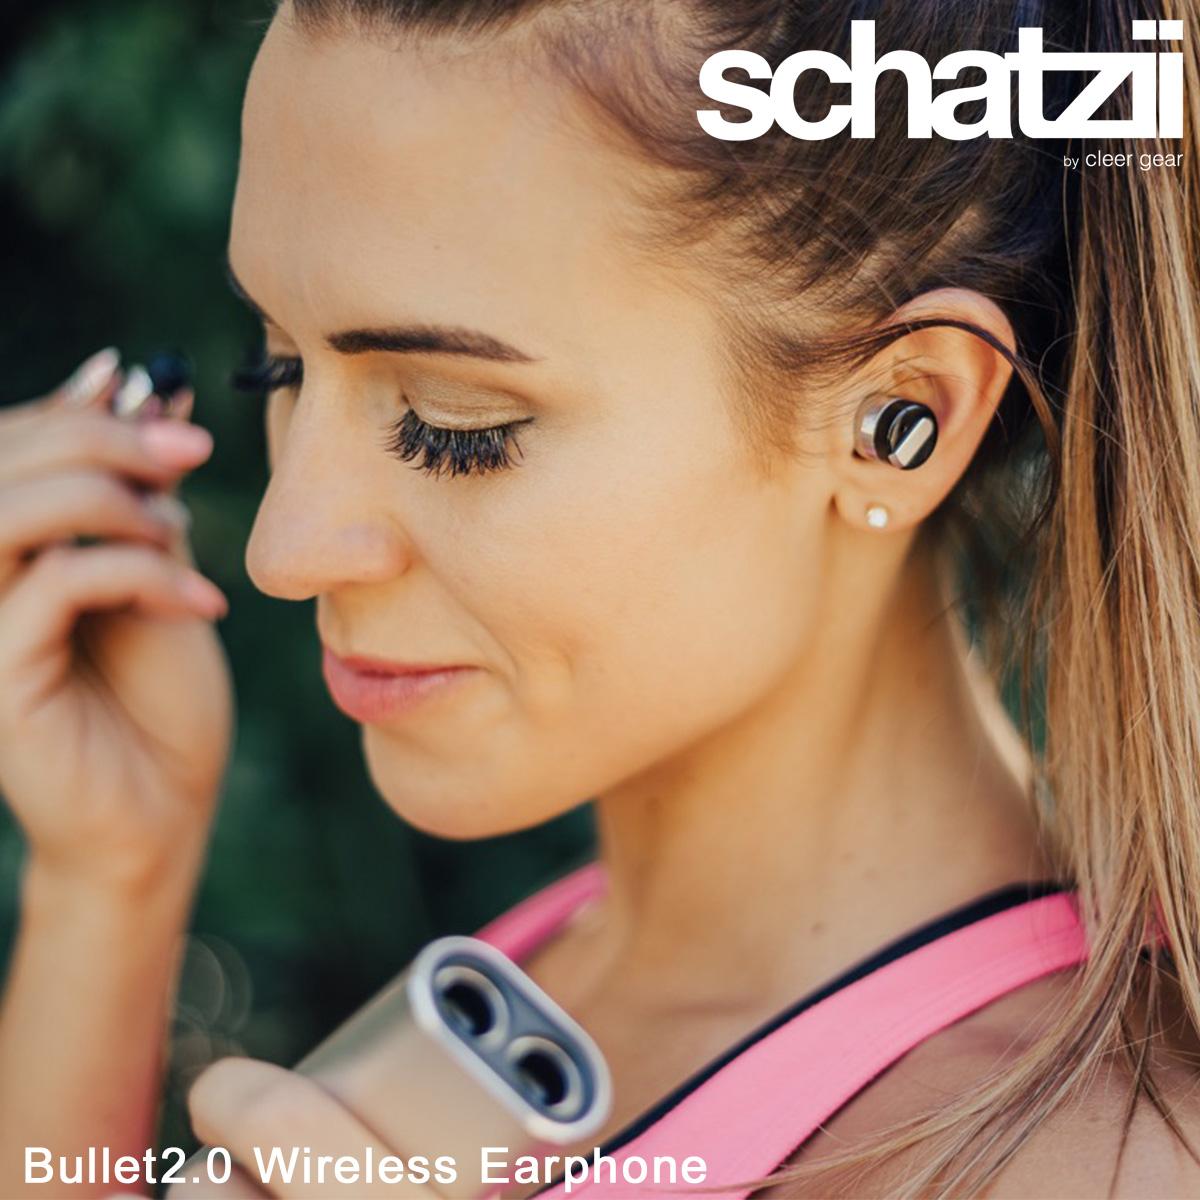 BULLET2.0 両耳 iPhone マイク シルバー シャツィ SB-002 Bluetooth schatzii ワイヤレスイヤホン